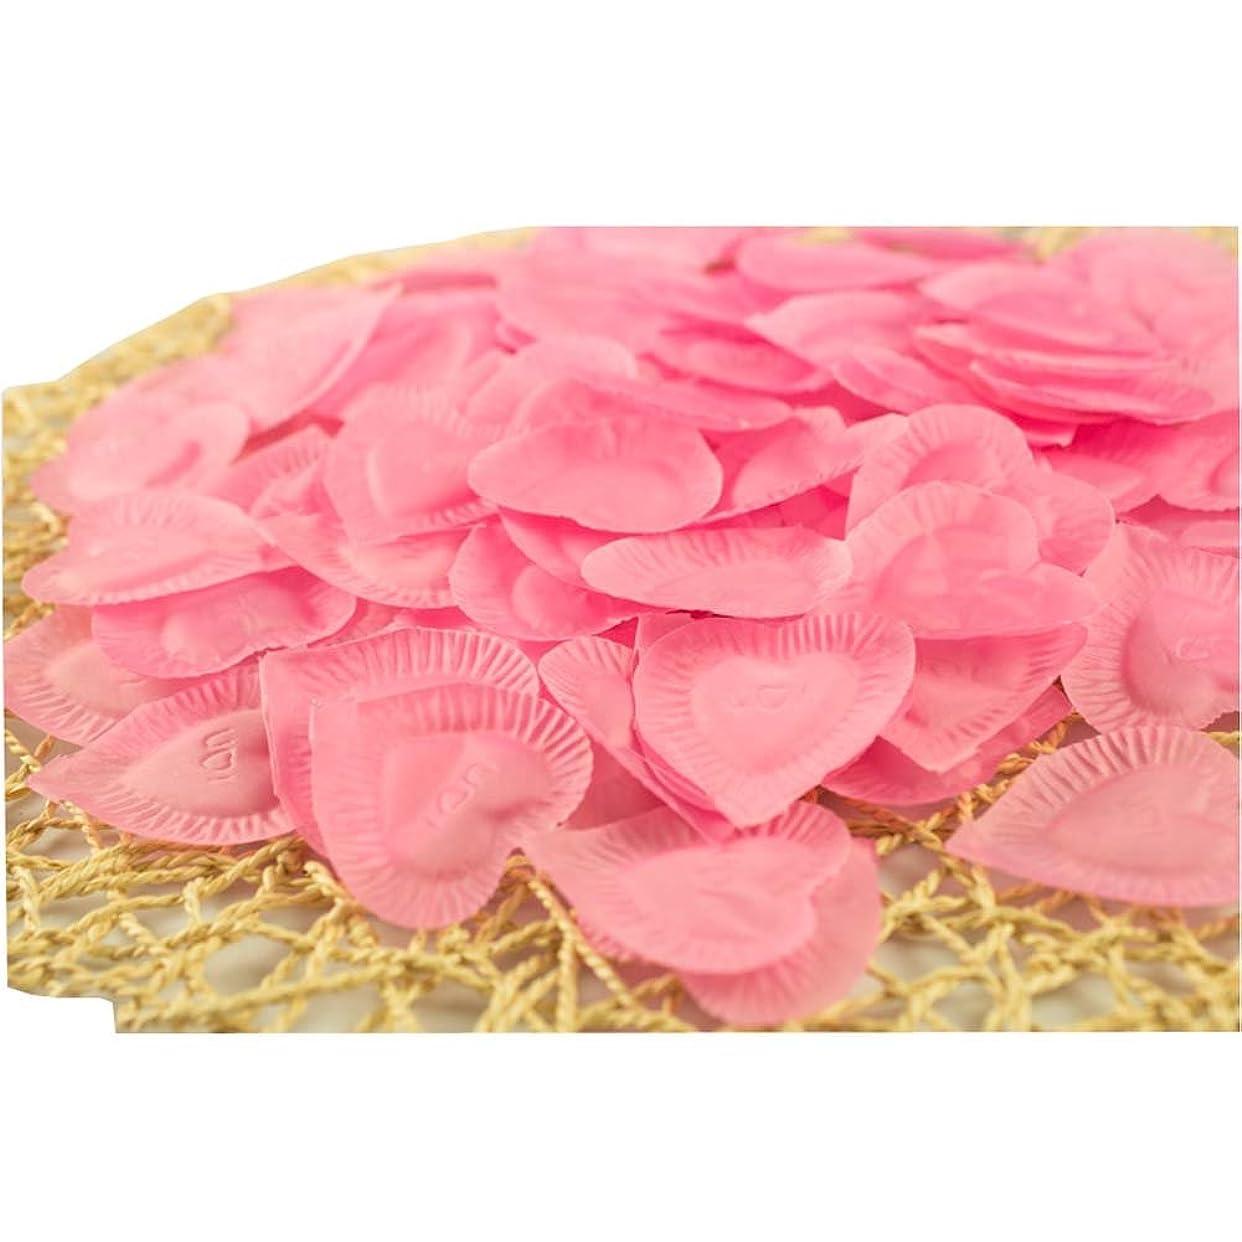 通り意識しつけ結婚式のための人工花びらのバレンタイン840個